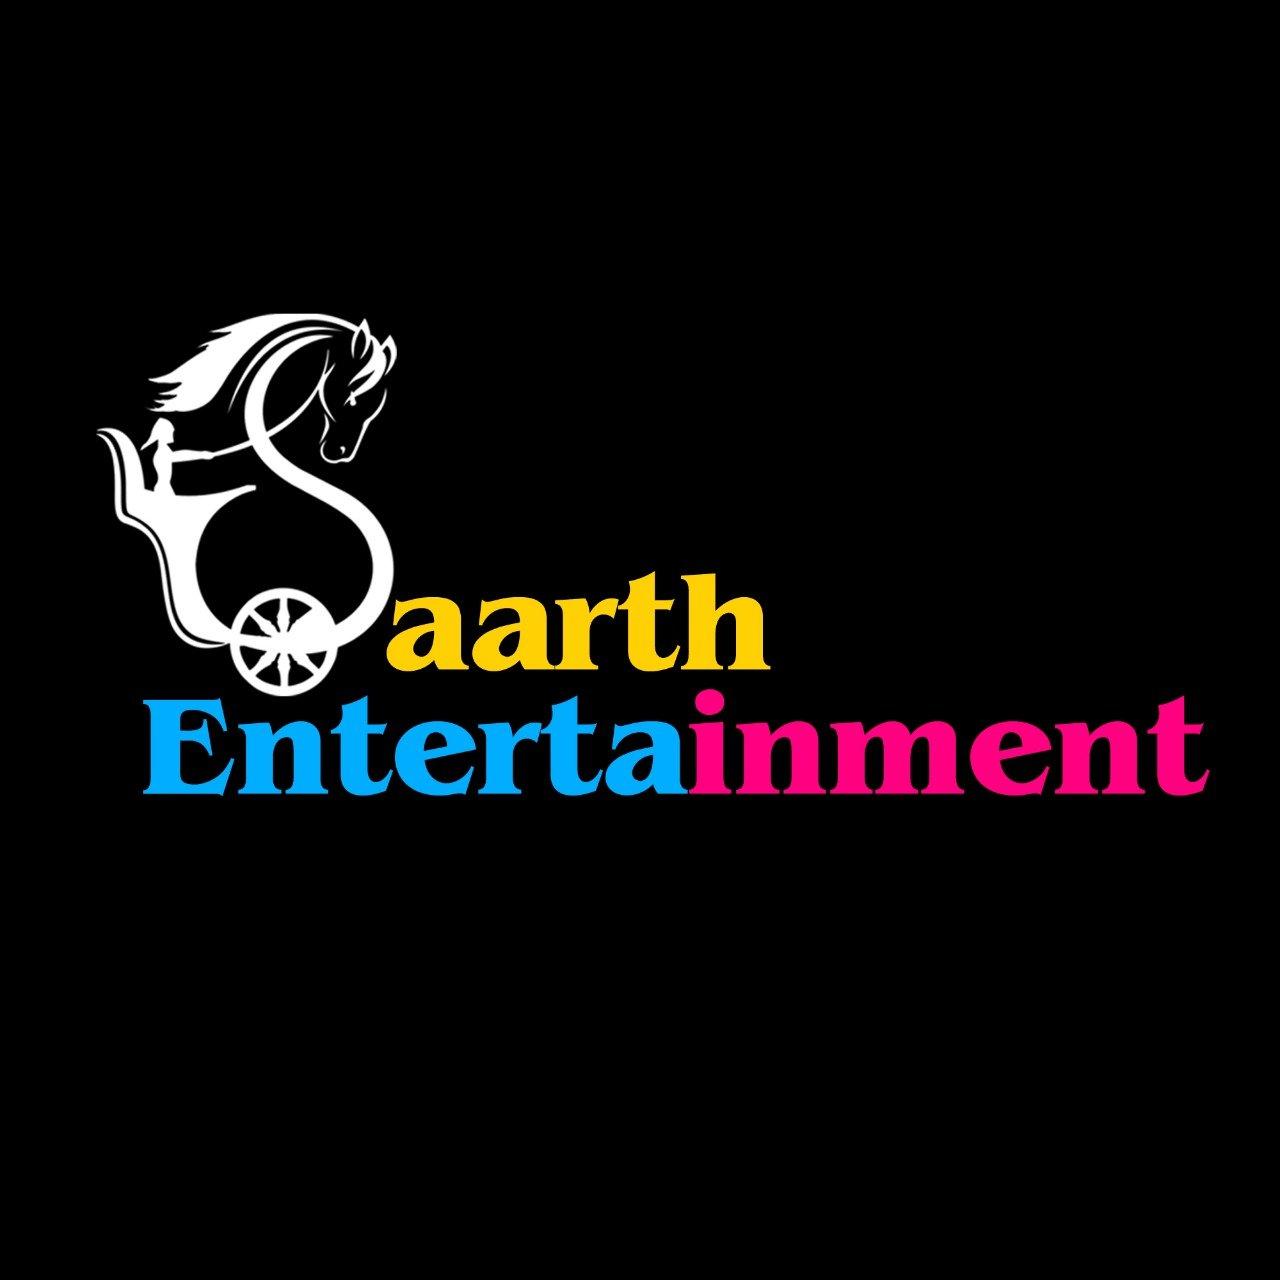 Saarth Entertainment on Twitter: